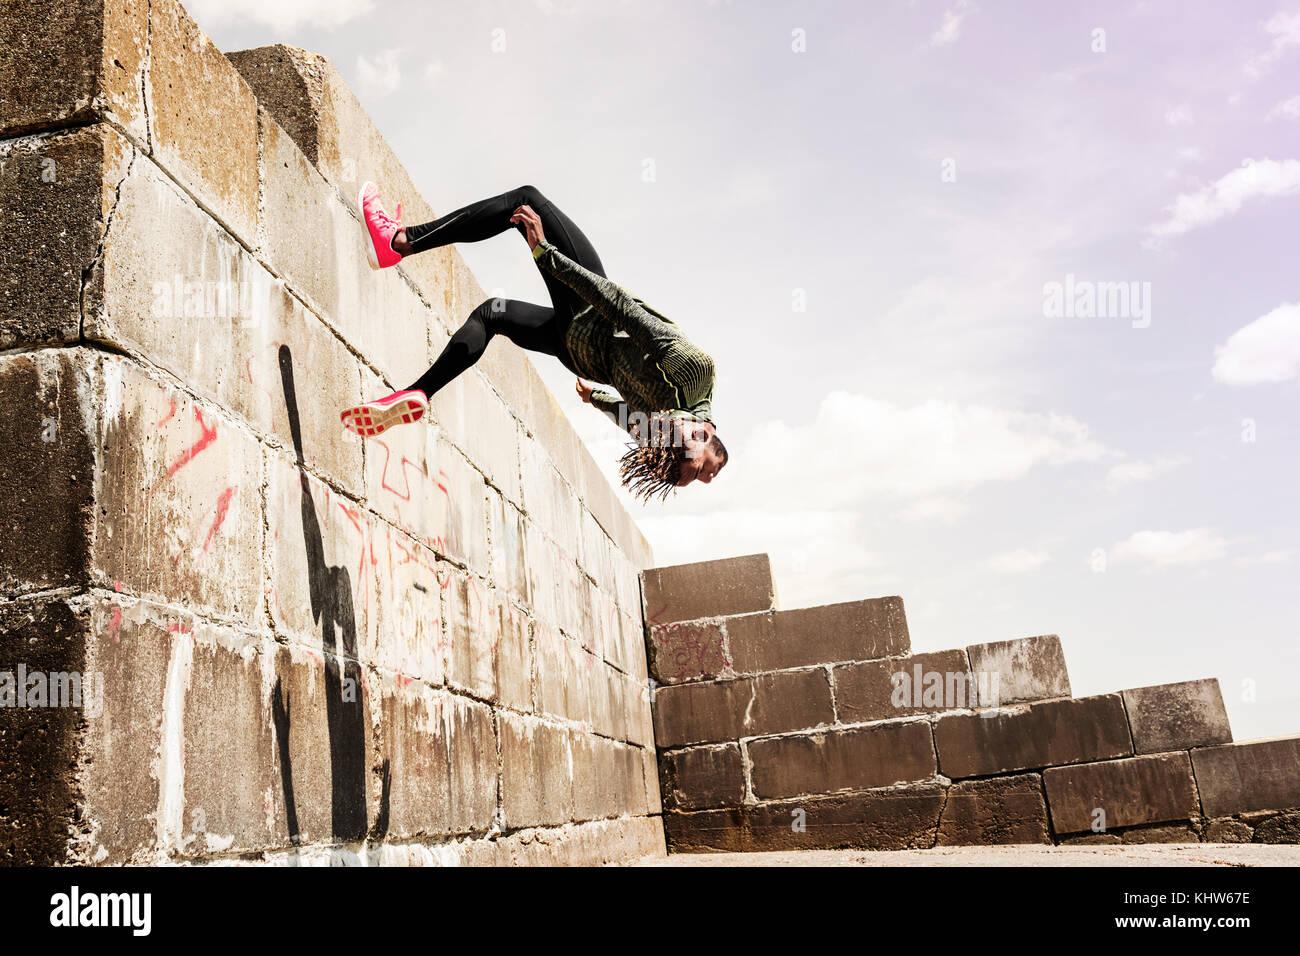 Joven, Free Running, al aire libre, somersaulting desde el lado de la pared Imagen De Stock